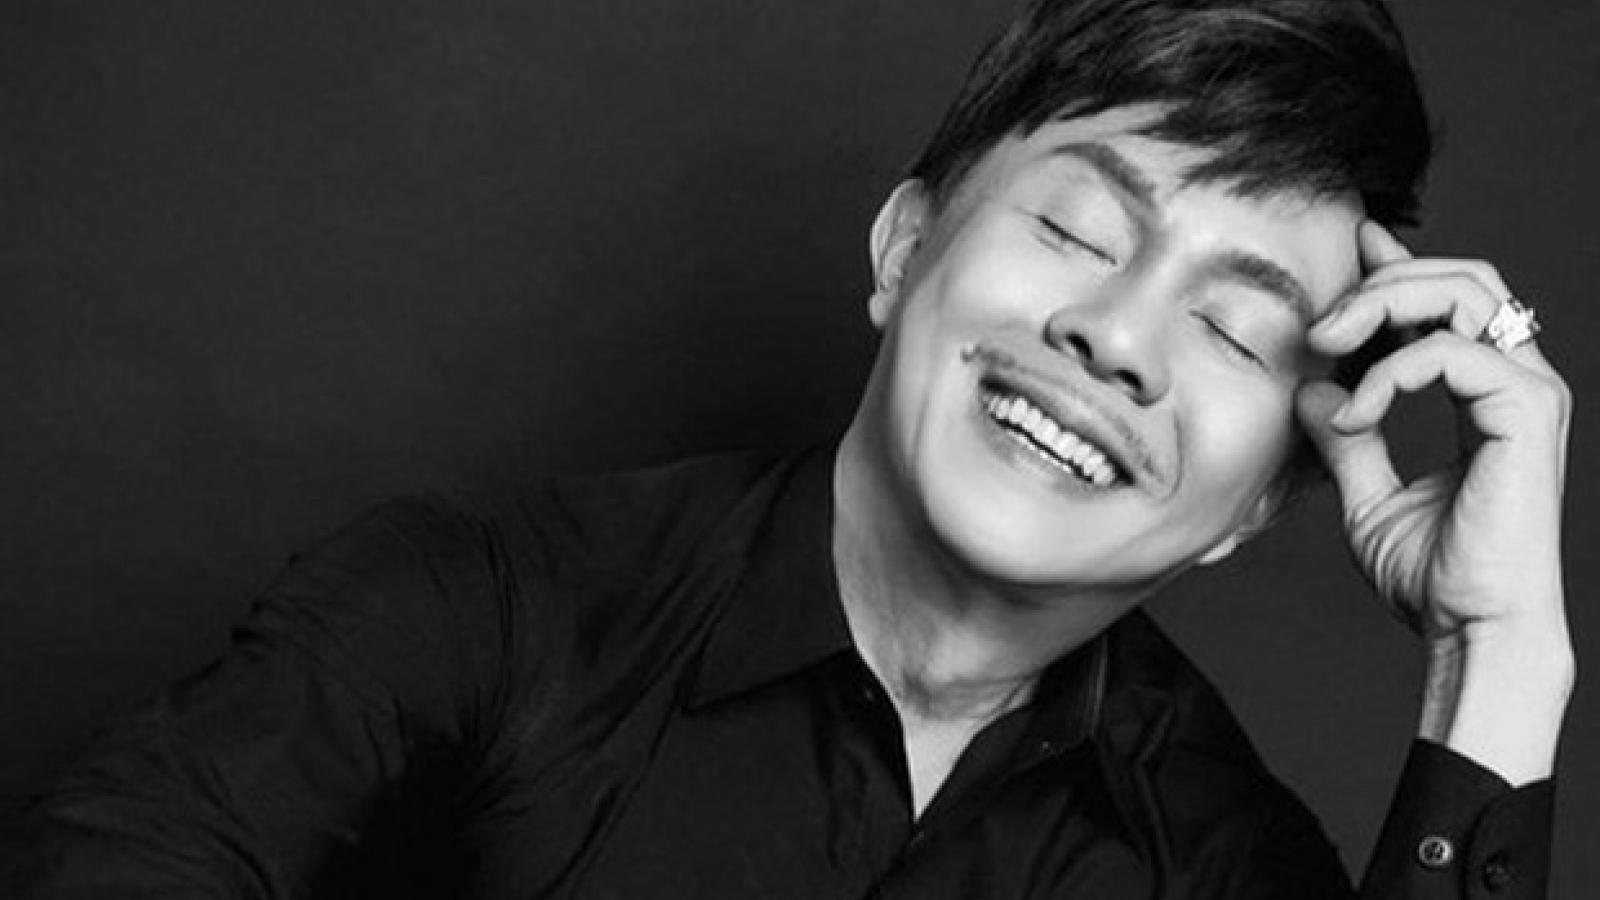 Nghệ sĩ Việt phẫn nộ trước phát ngôn xúc phạm gia đình nghệ sĩ Chí Tài